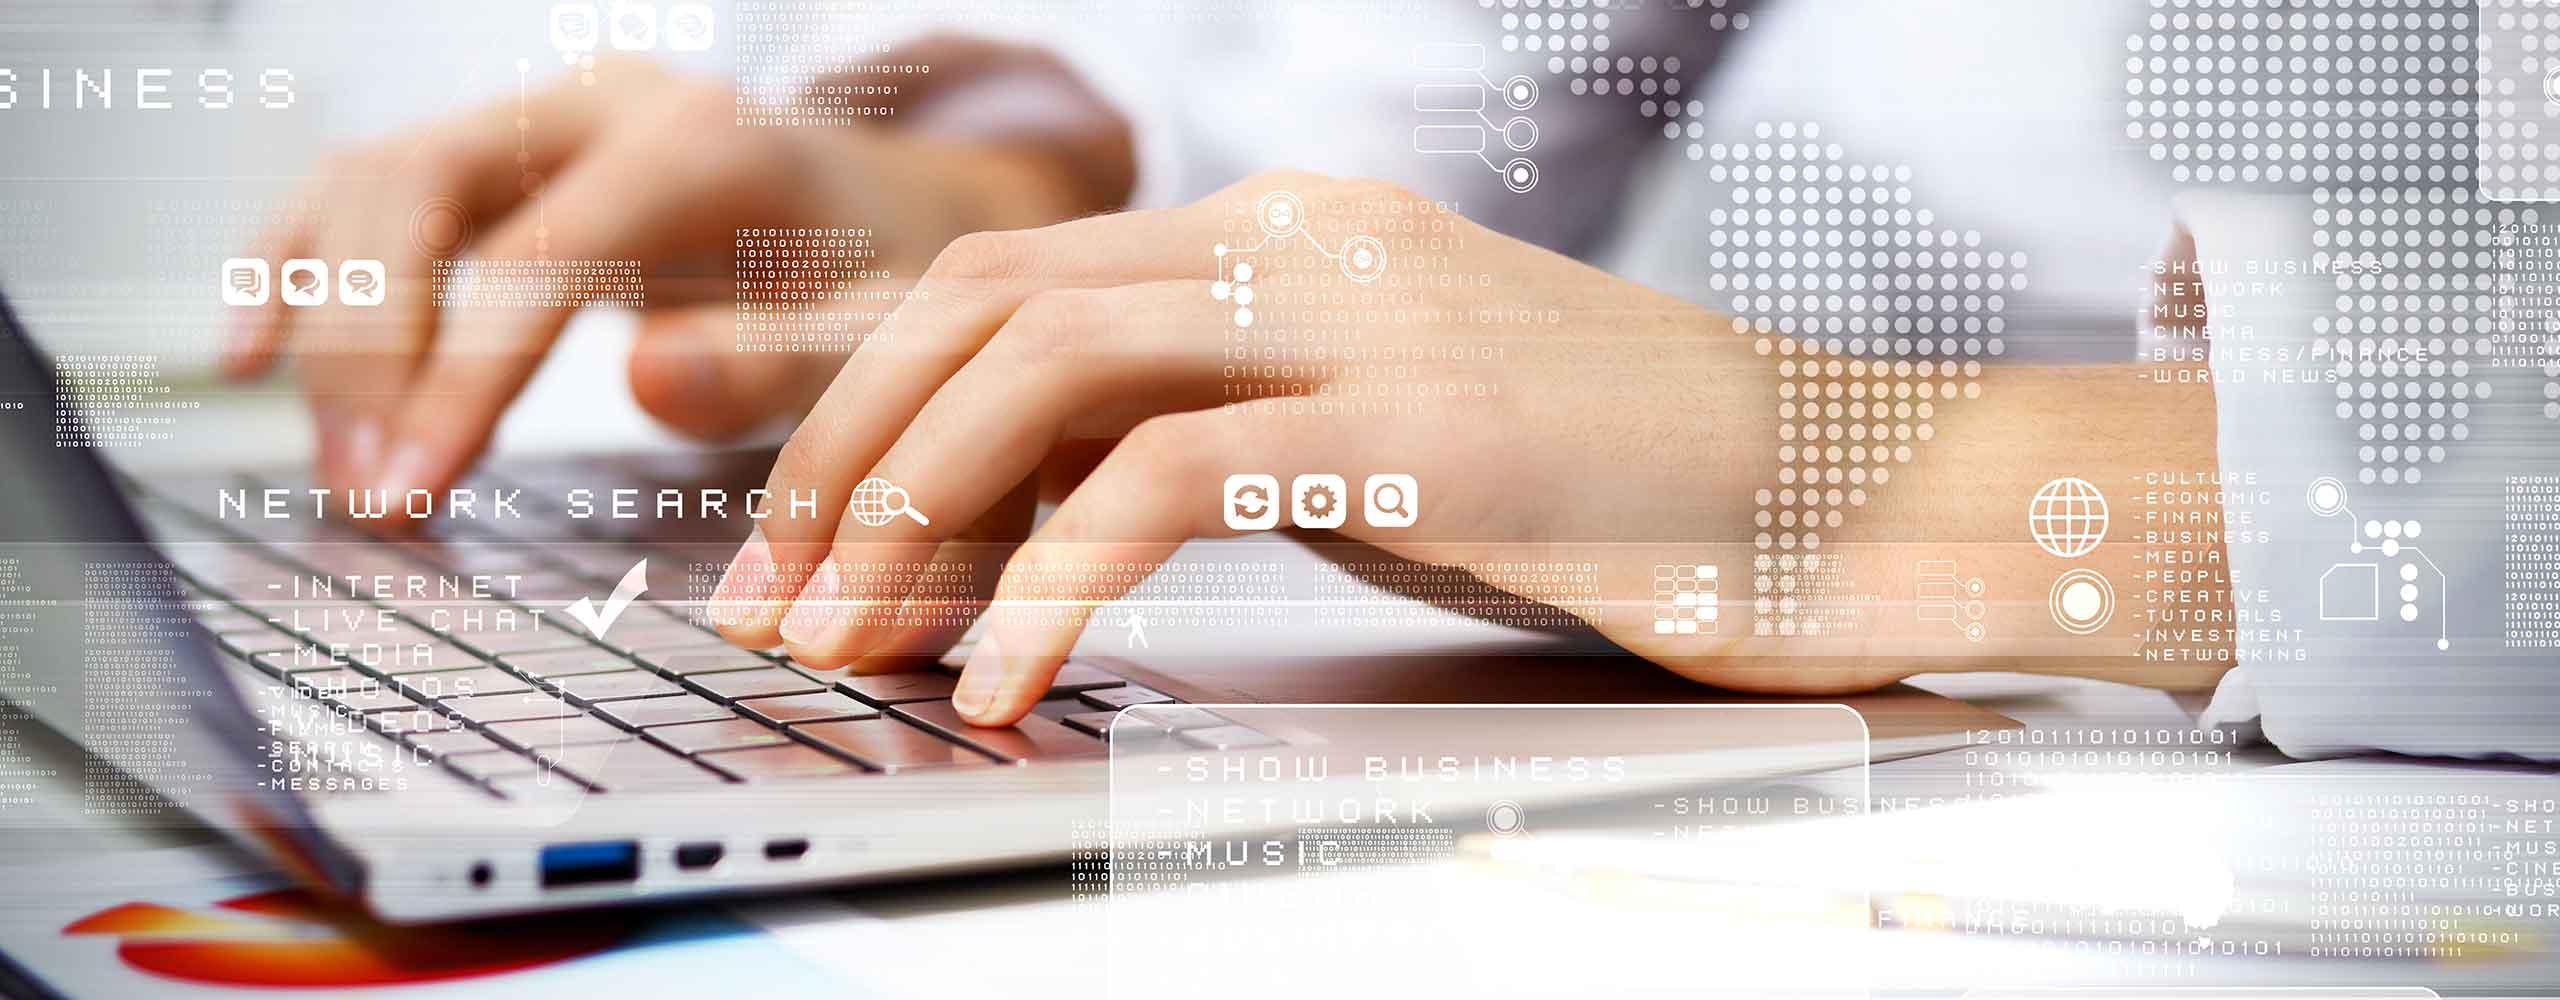 Sito Web per Startup | Preventivo Realizzazione Sito Web per Startup | PRINGO